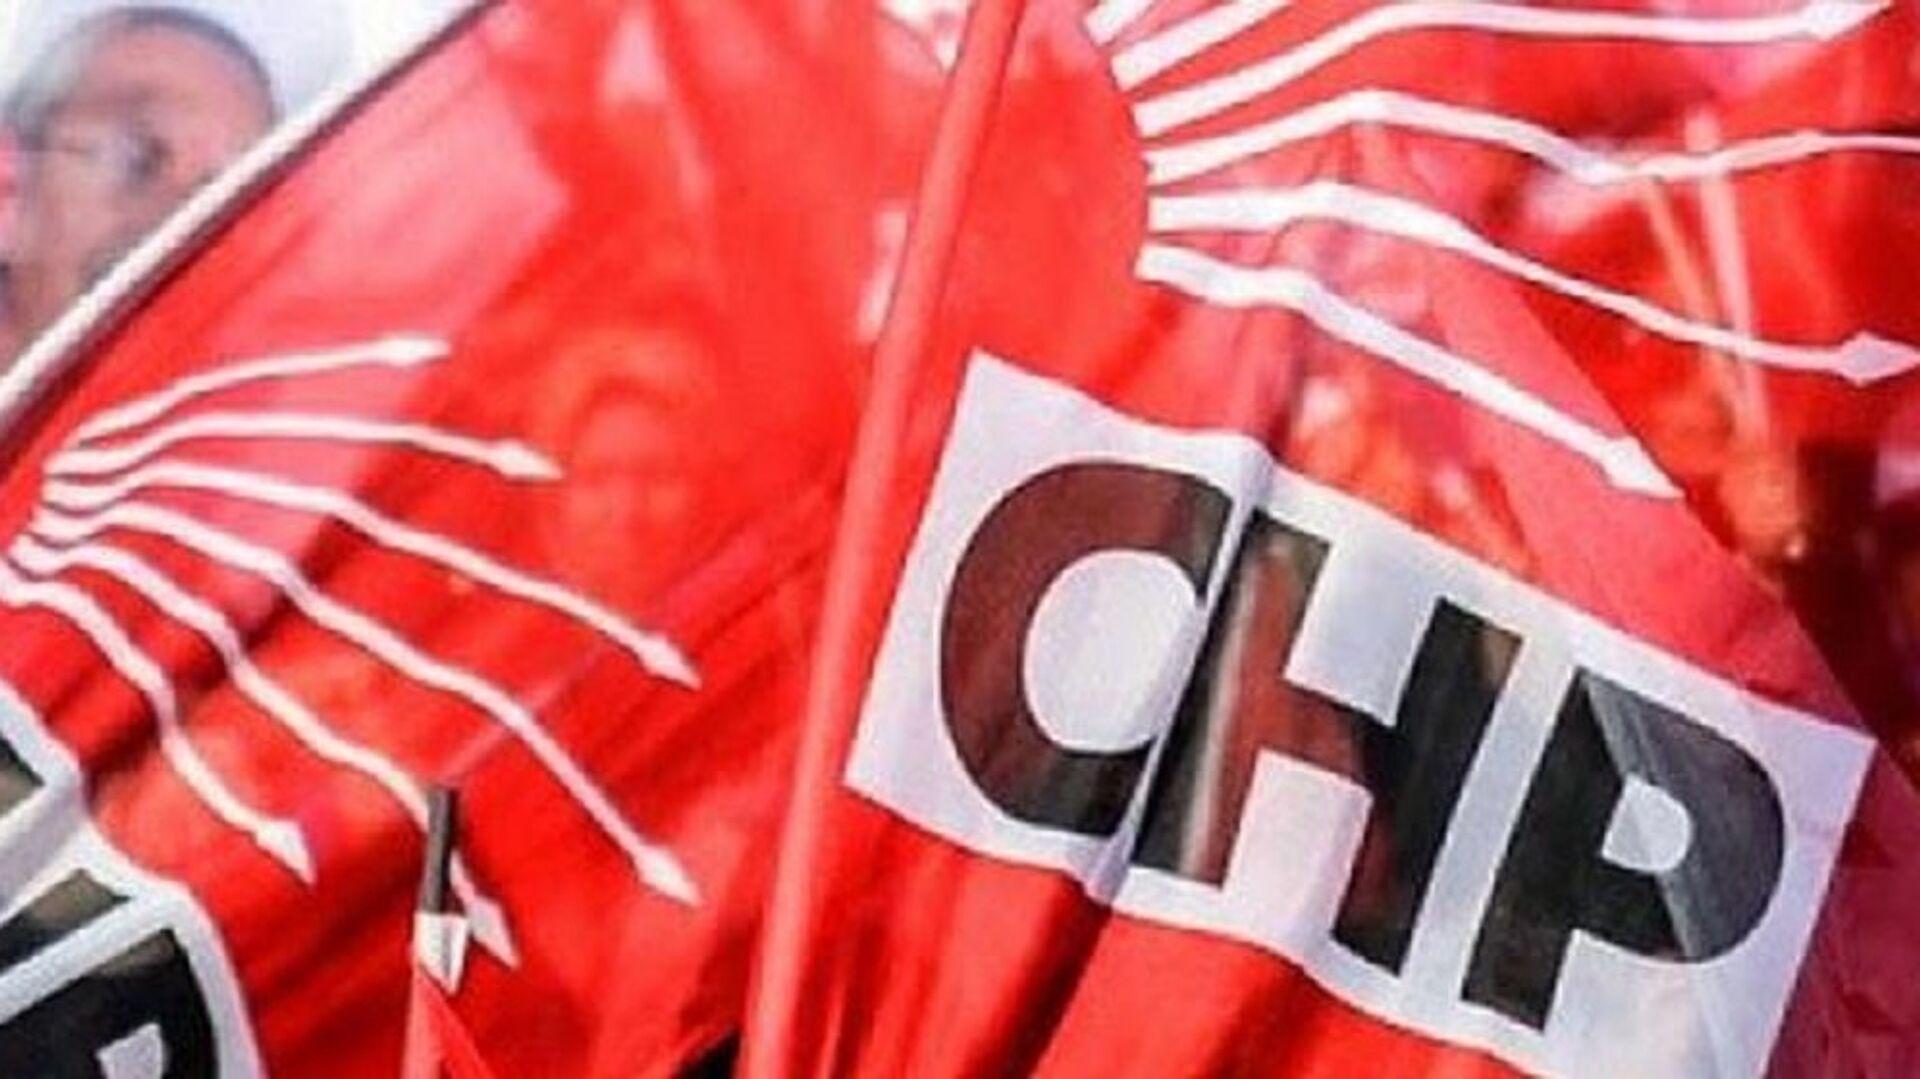 CHP, bayrak, logo - Sputnik Türkiye, 1920, 30.07.2021